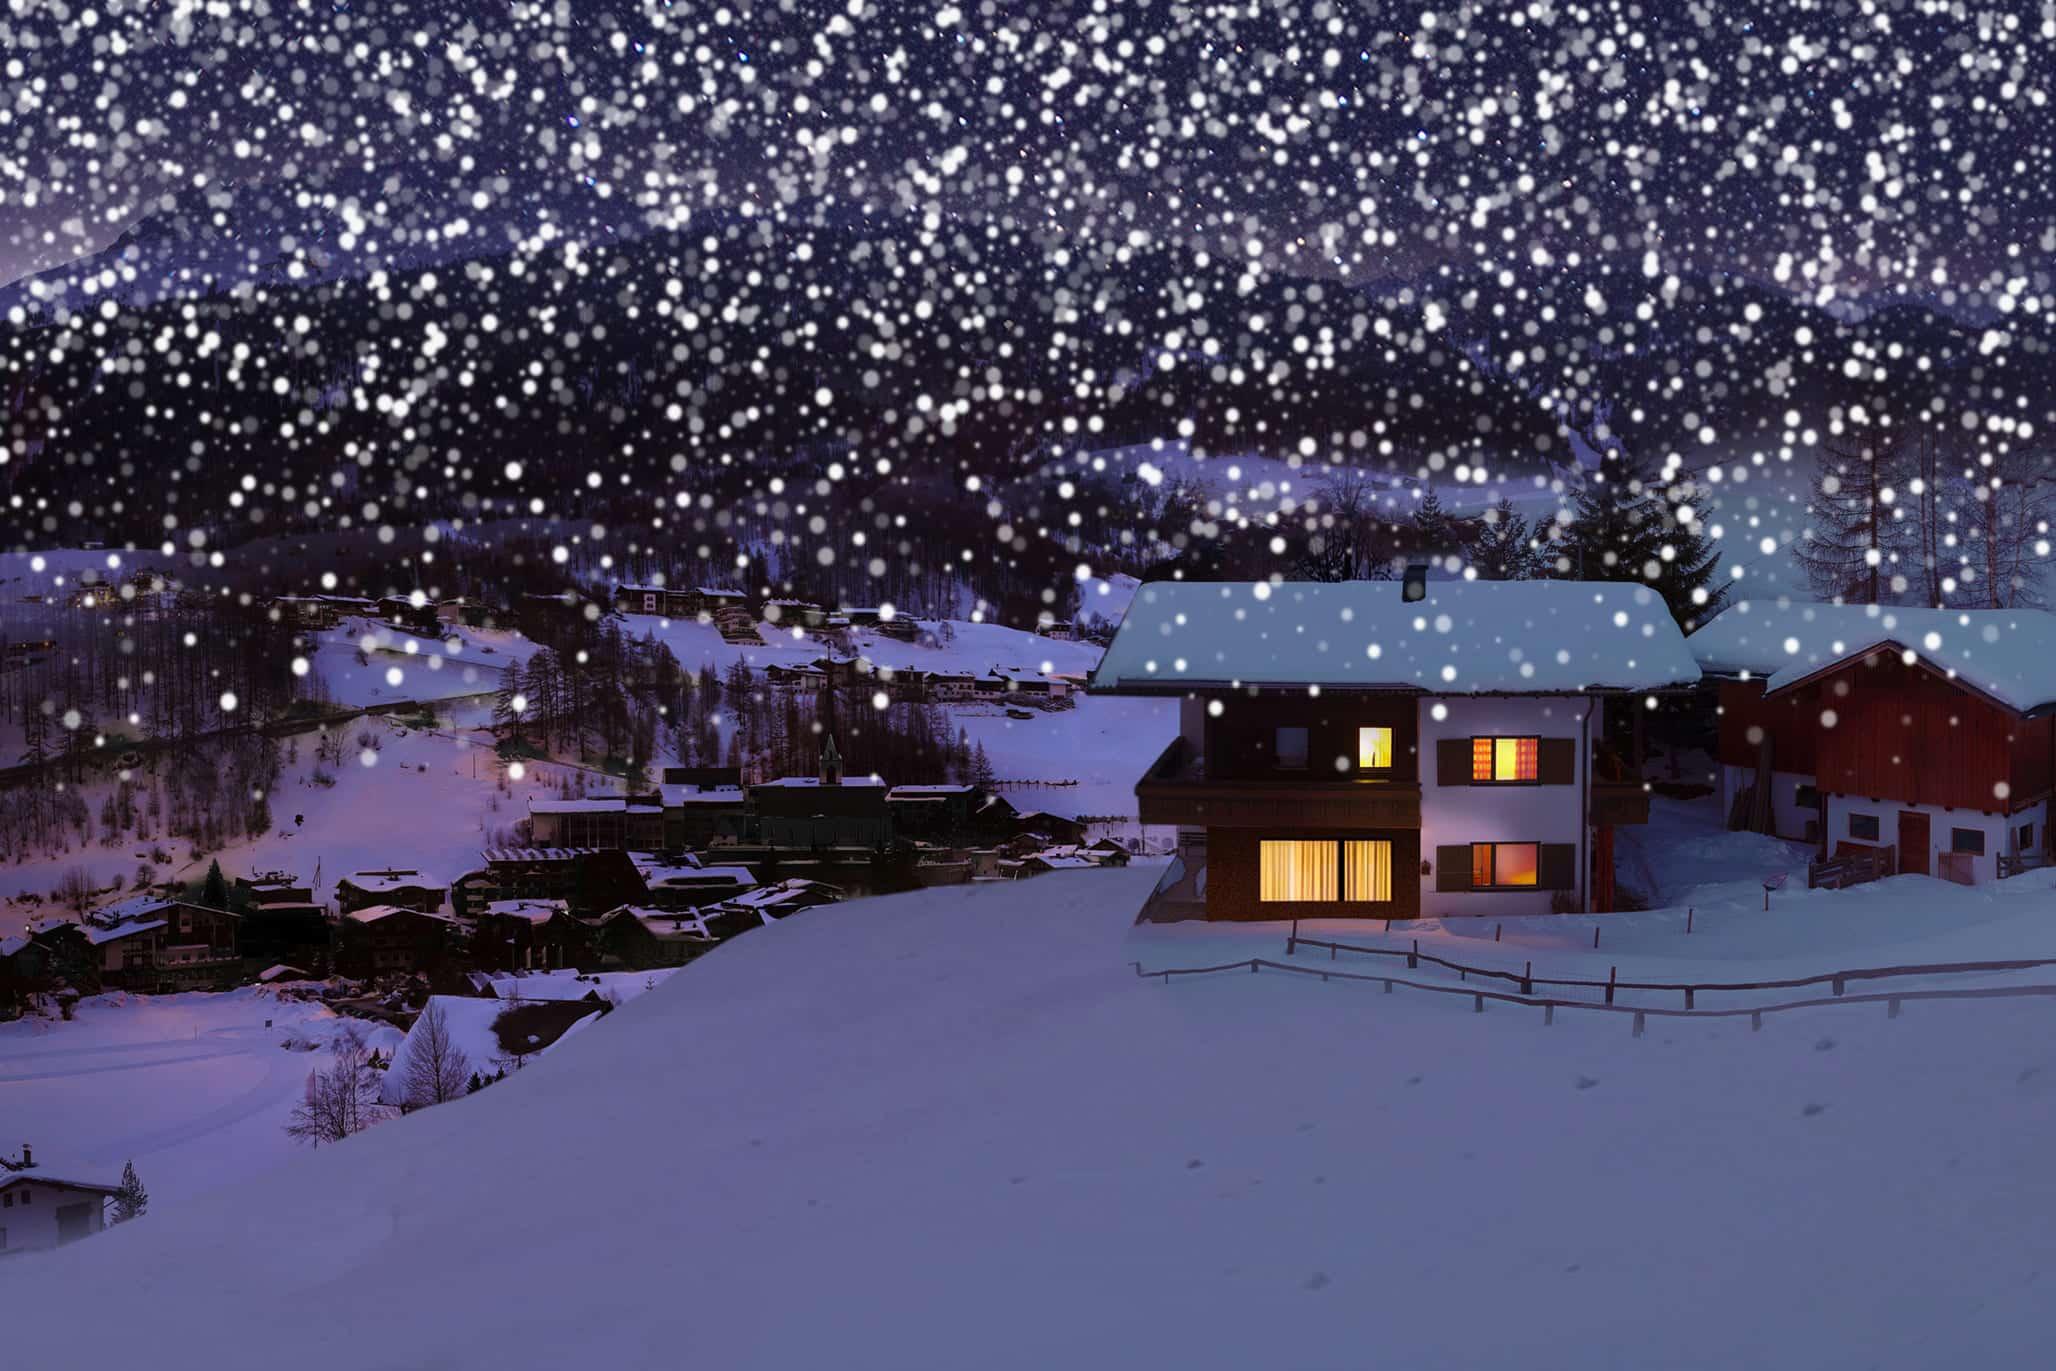 Winterliches Dorf in der Nacht